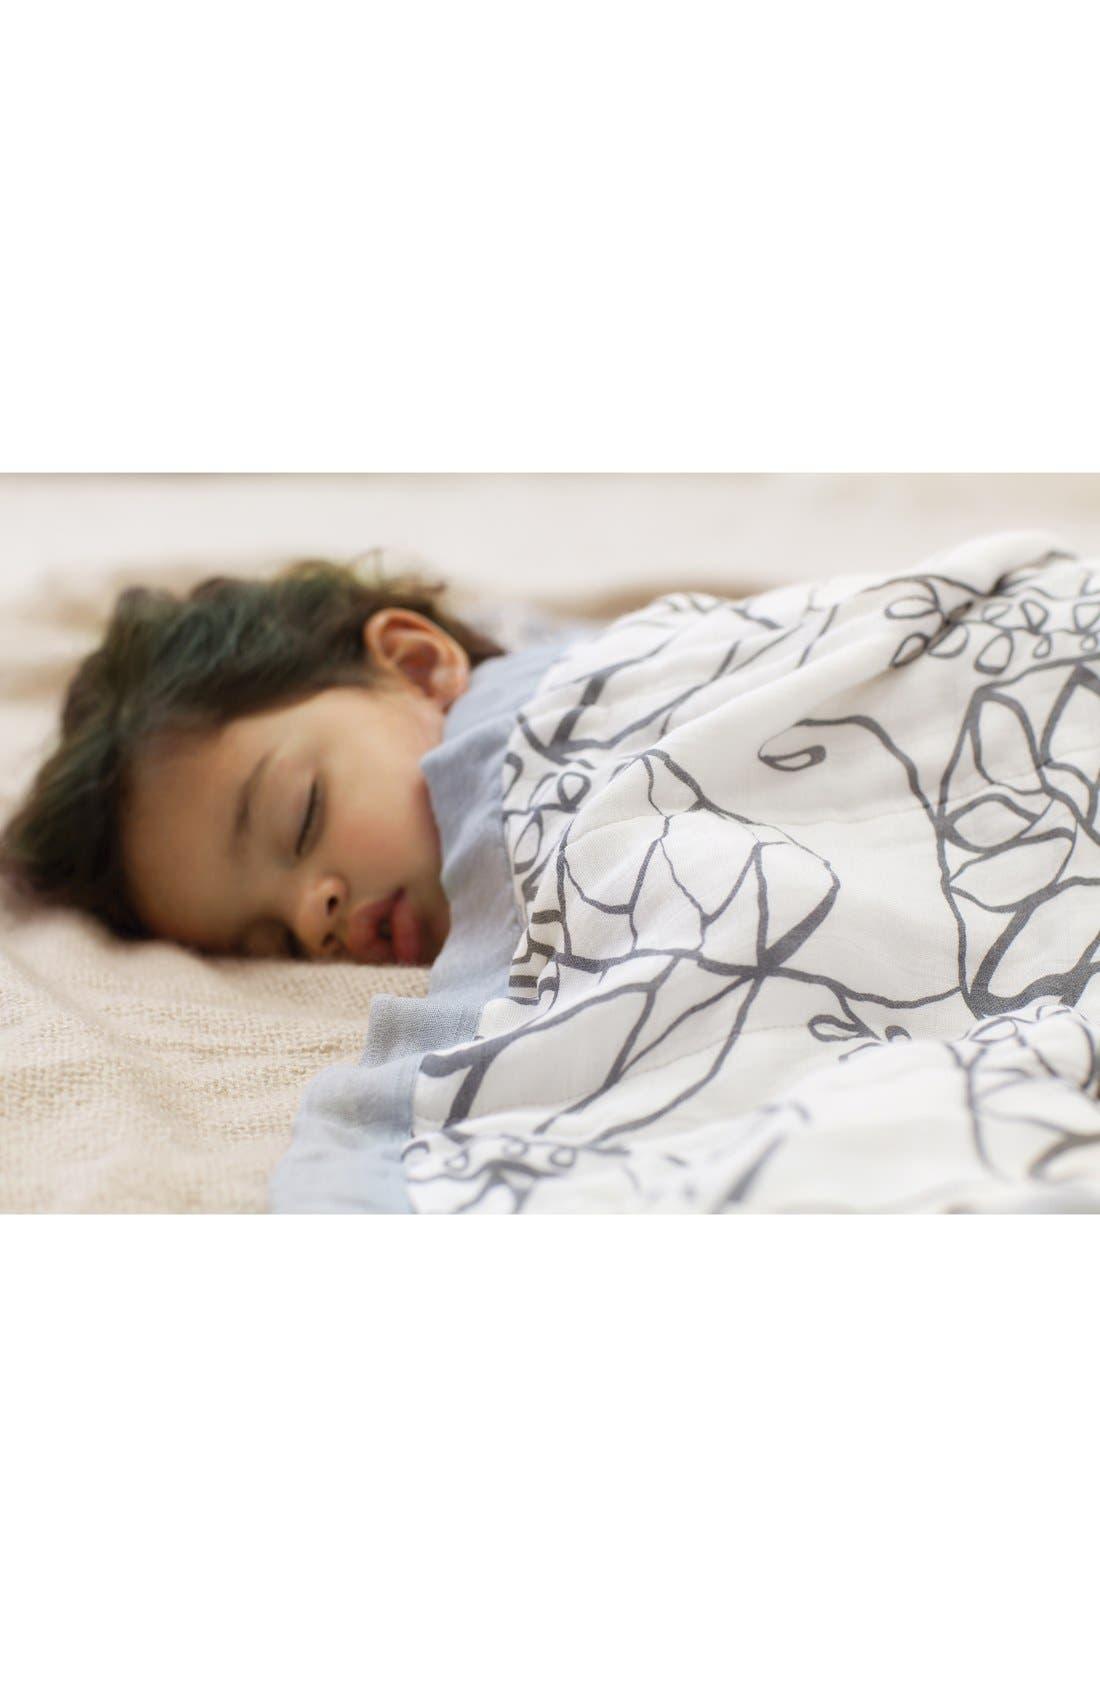 Alternate Image 2  - aden + anais 'Dream' Blanket